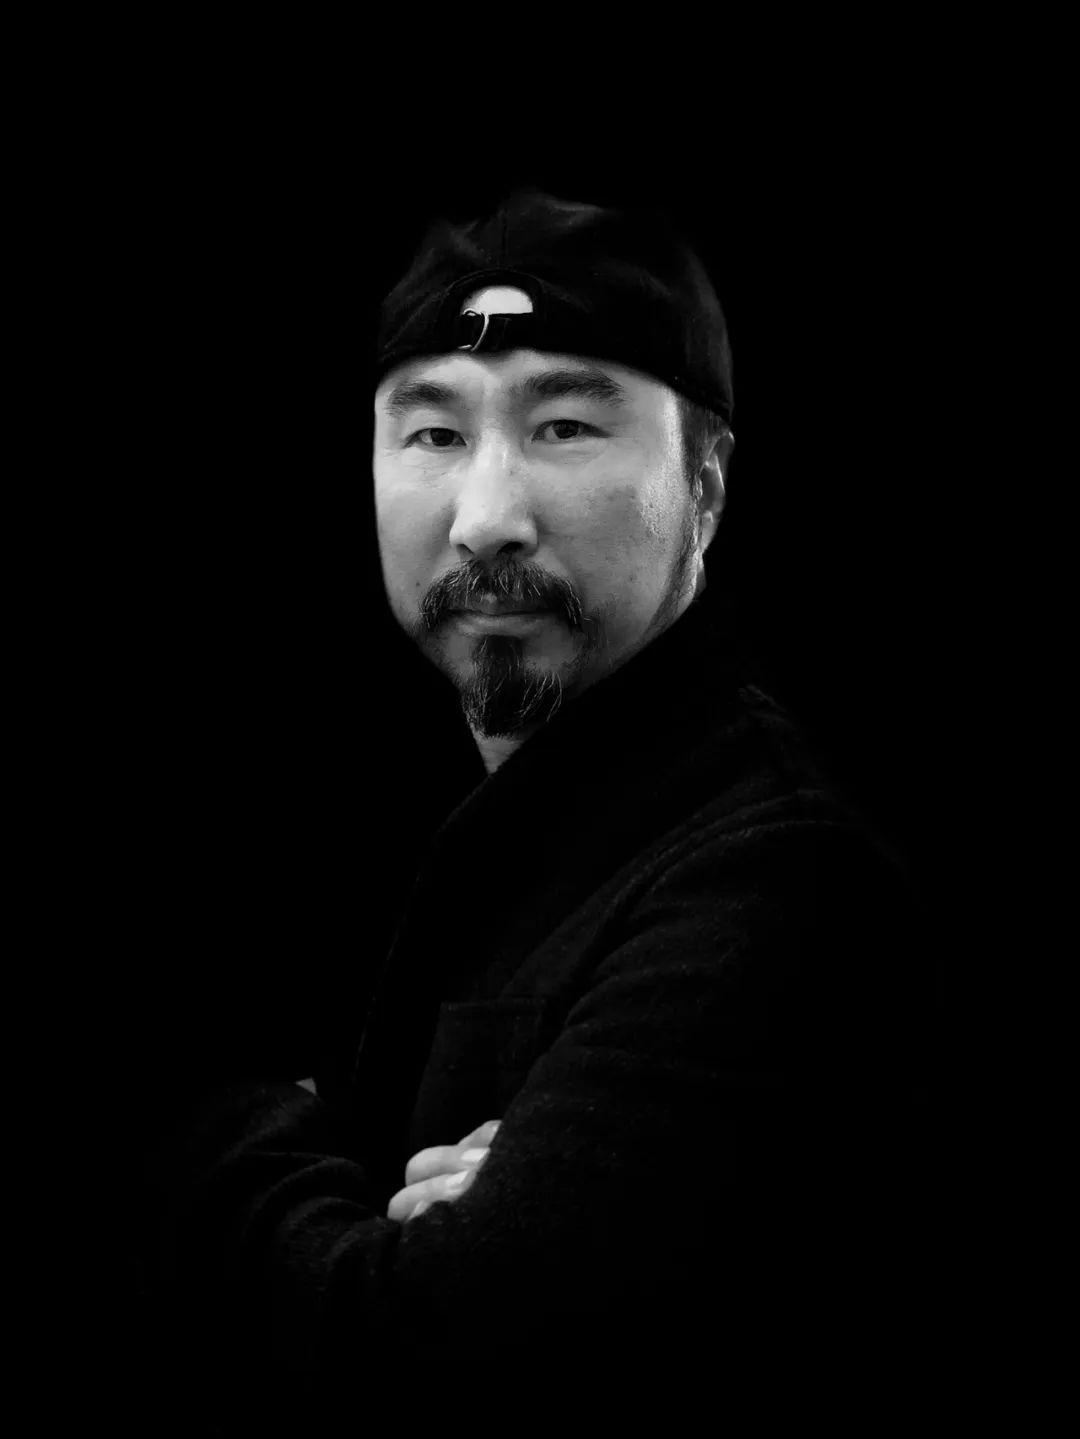 胡日查 - HU RICHA 第2张